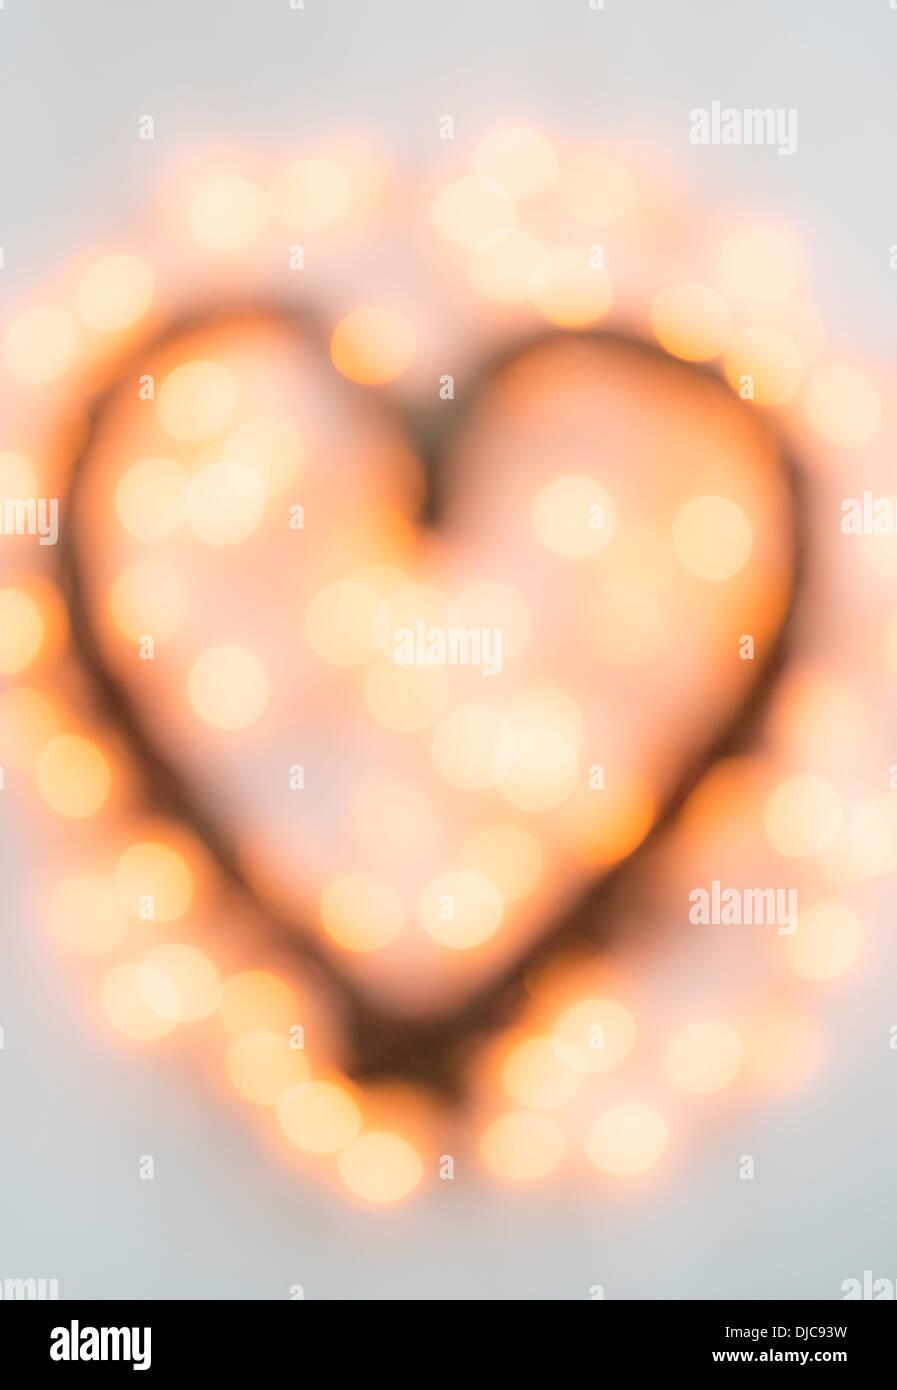 Des problèmes de mise au point de décoration de Noël en forme de coeur Photo Stock